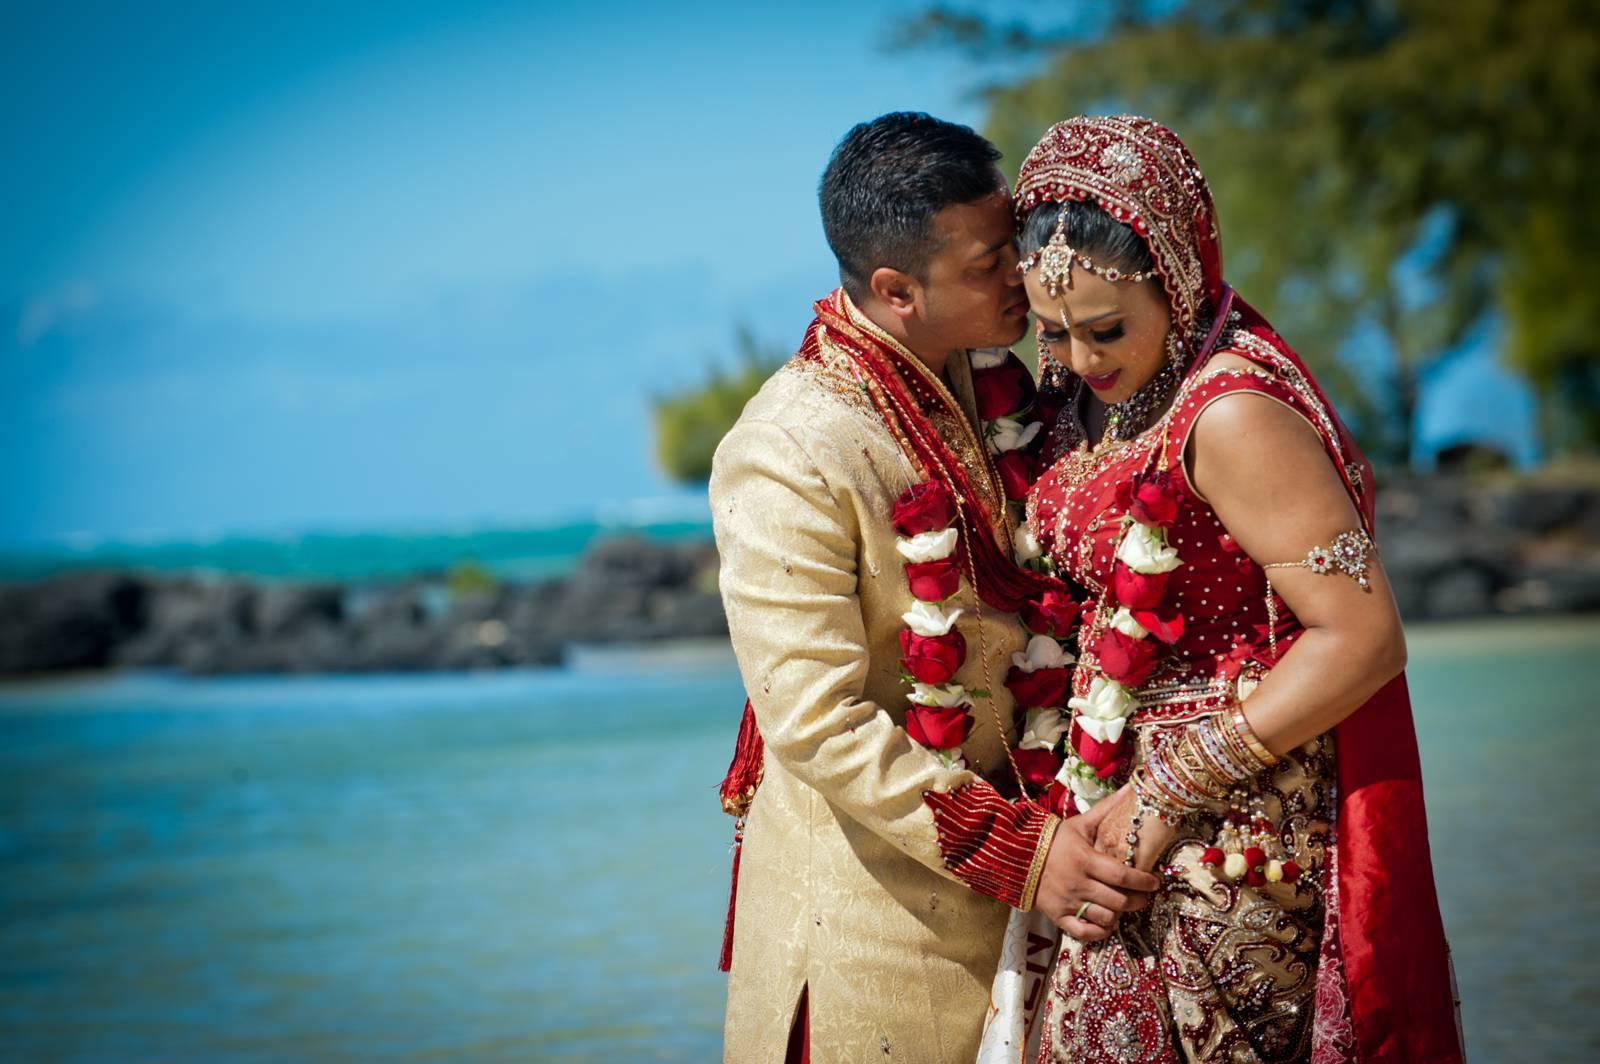 Svatba v Mauriciu